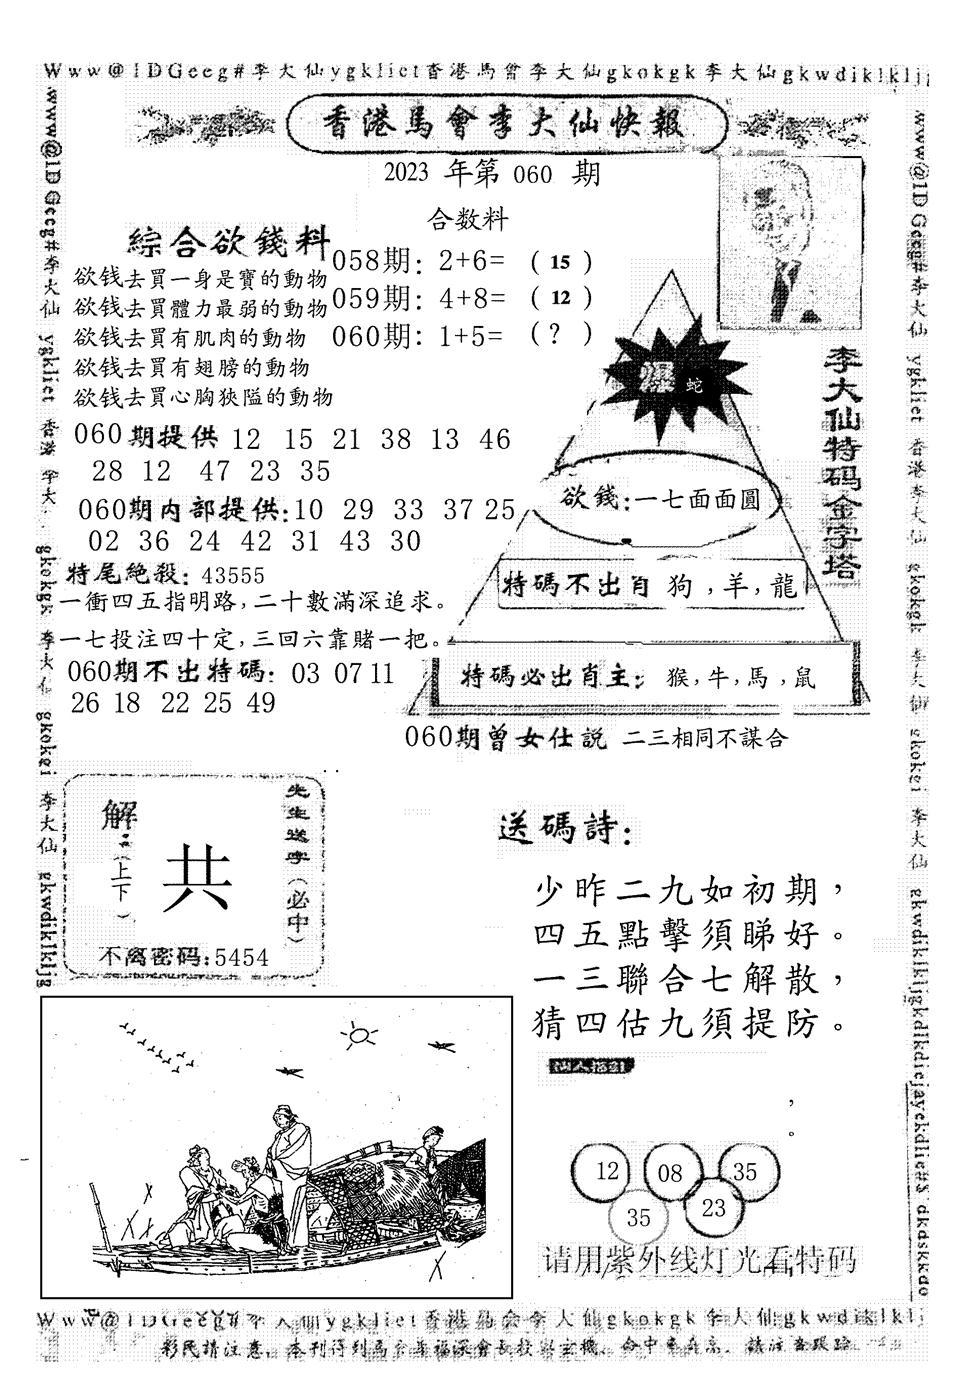 060期另版李大仙快报(黑白)